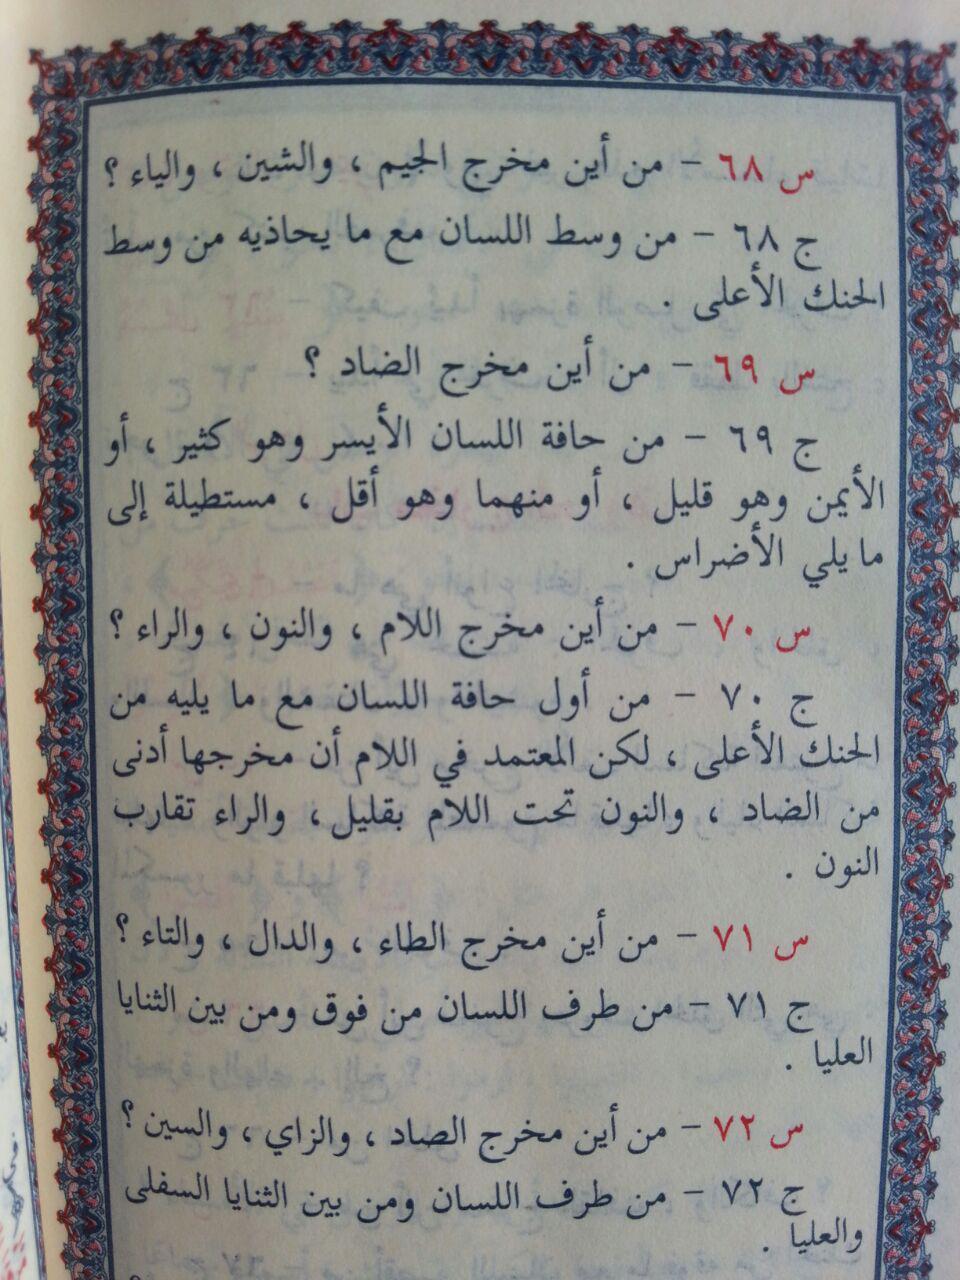 Al-Qur'an Saku Impor Tanpa Terjemah Ukuran 7x10 isi 2